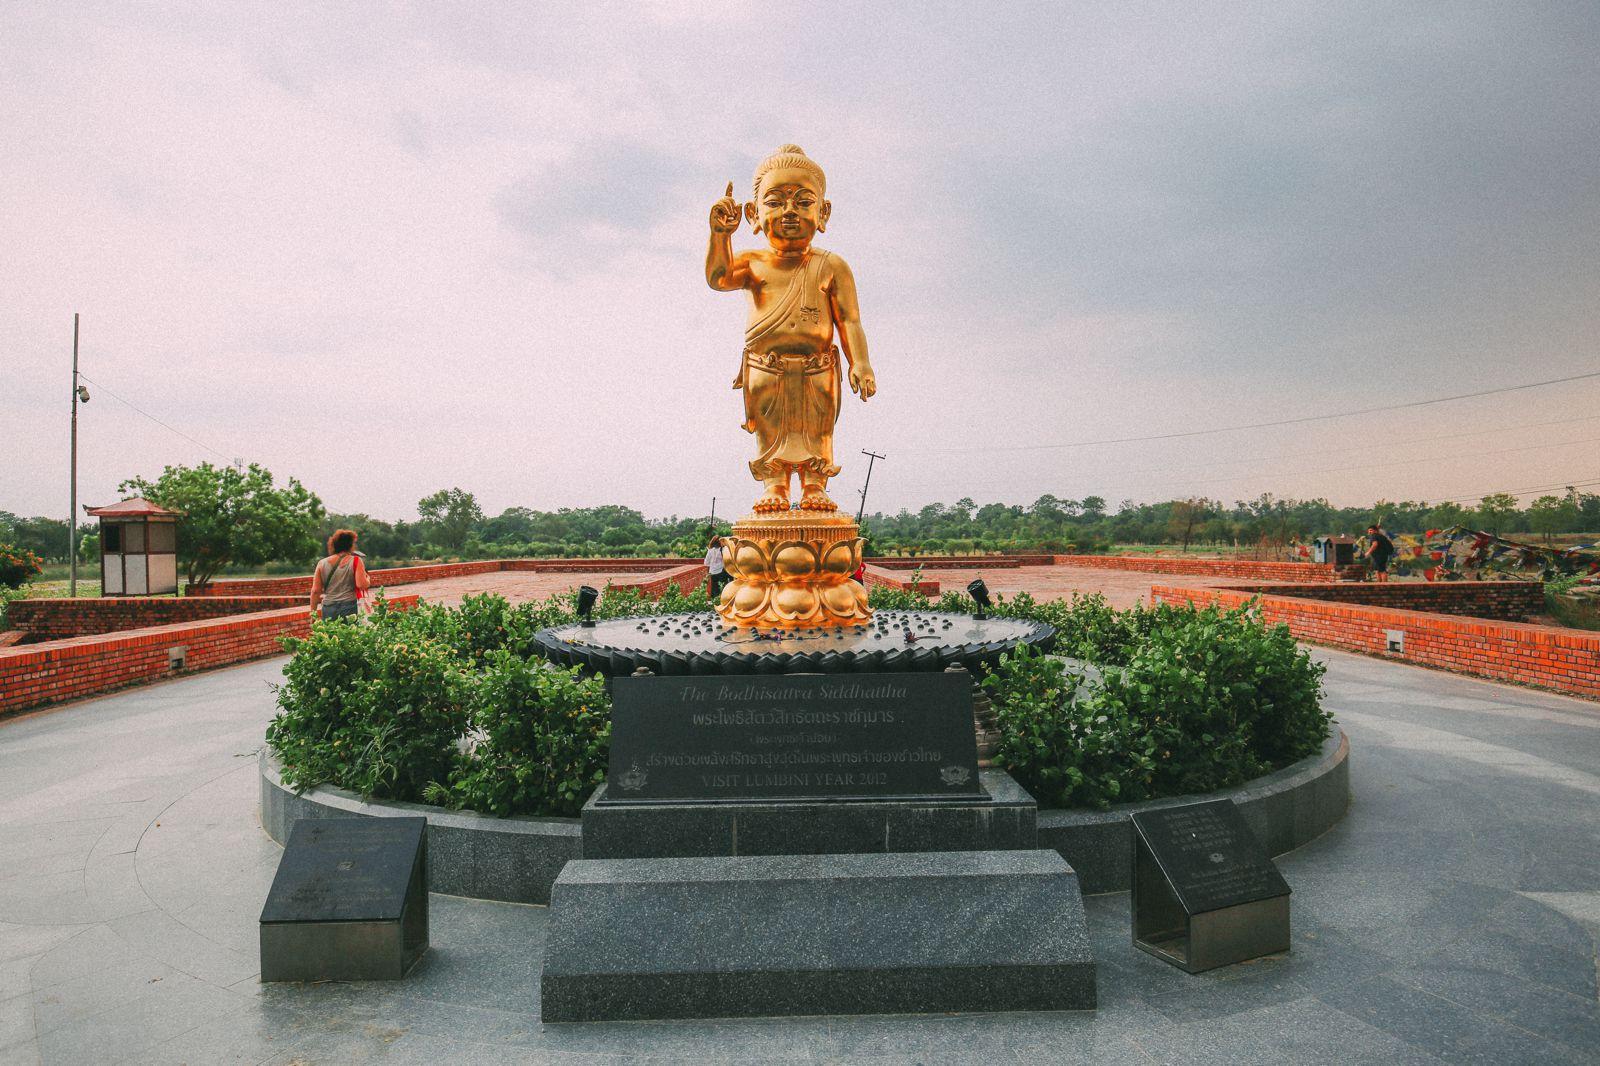 Tượng Phật Thích Ca đản sanh ở phía Bắc của vườn Lâm Tỳ Ni, ở phía trước khi vào dấu tích khu tự viện cổ | Statue of Baby Buddha on the northern side of the Sacred Garden, before entering the monastic zone.